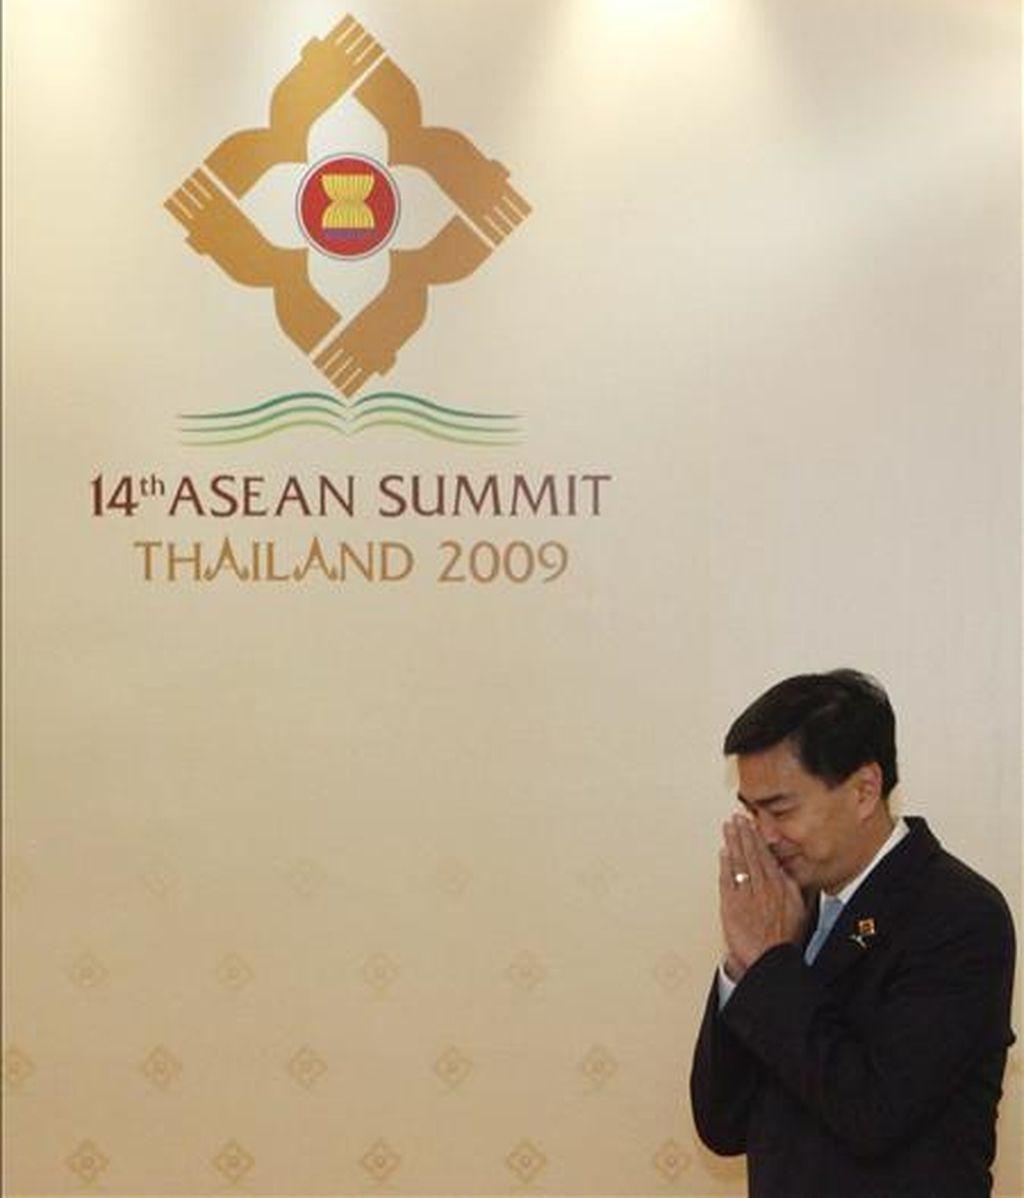 El primer ministro de Tailandia, Abhisit Vejjajiva, saluda a los jefes de Estado y de gobierno que asisten a la 14ª Cumbre de la Asociación de Naciones del Sudeste Asiático en Cha Am, a 150 kilómetros al sur de Bangkok, Tailandia, el pasado 1 de marzo. EFE/Archivo